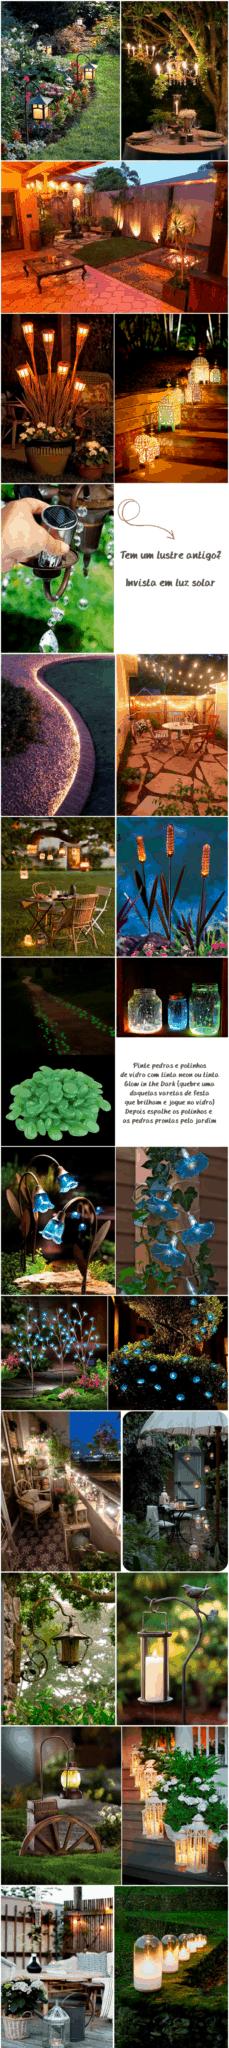 jardim-dos-sonhos-decorar-com-charme-iluminacao